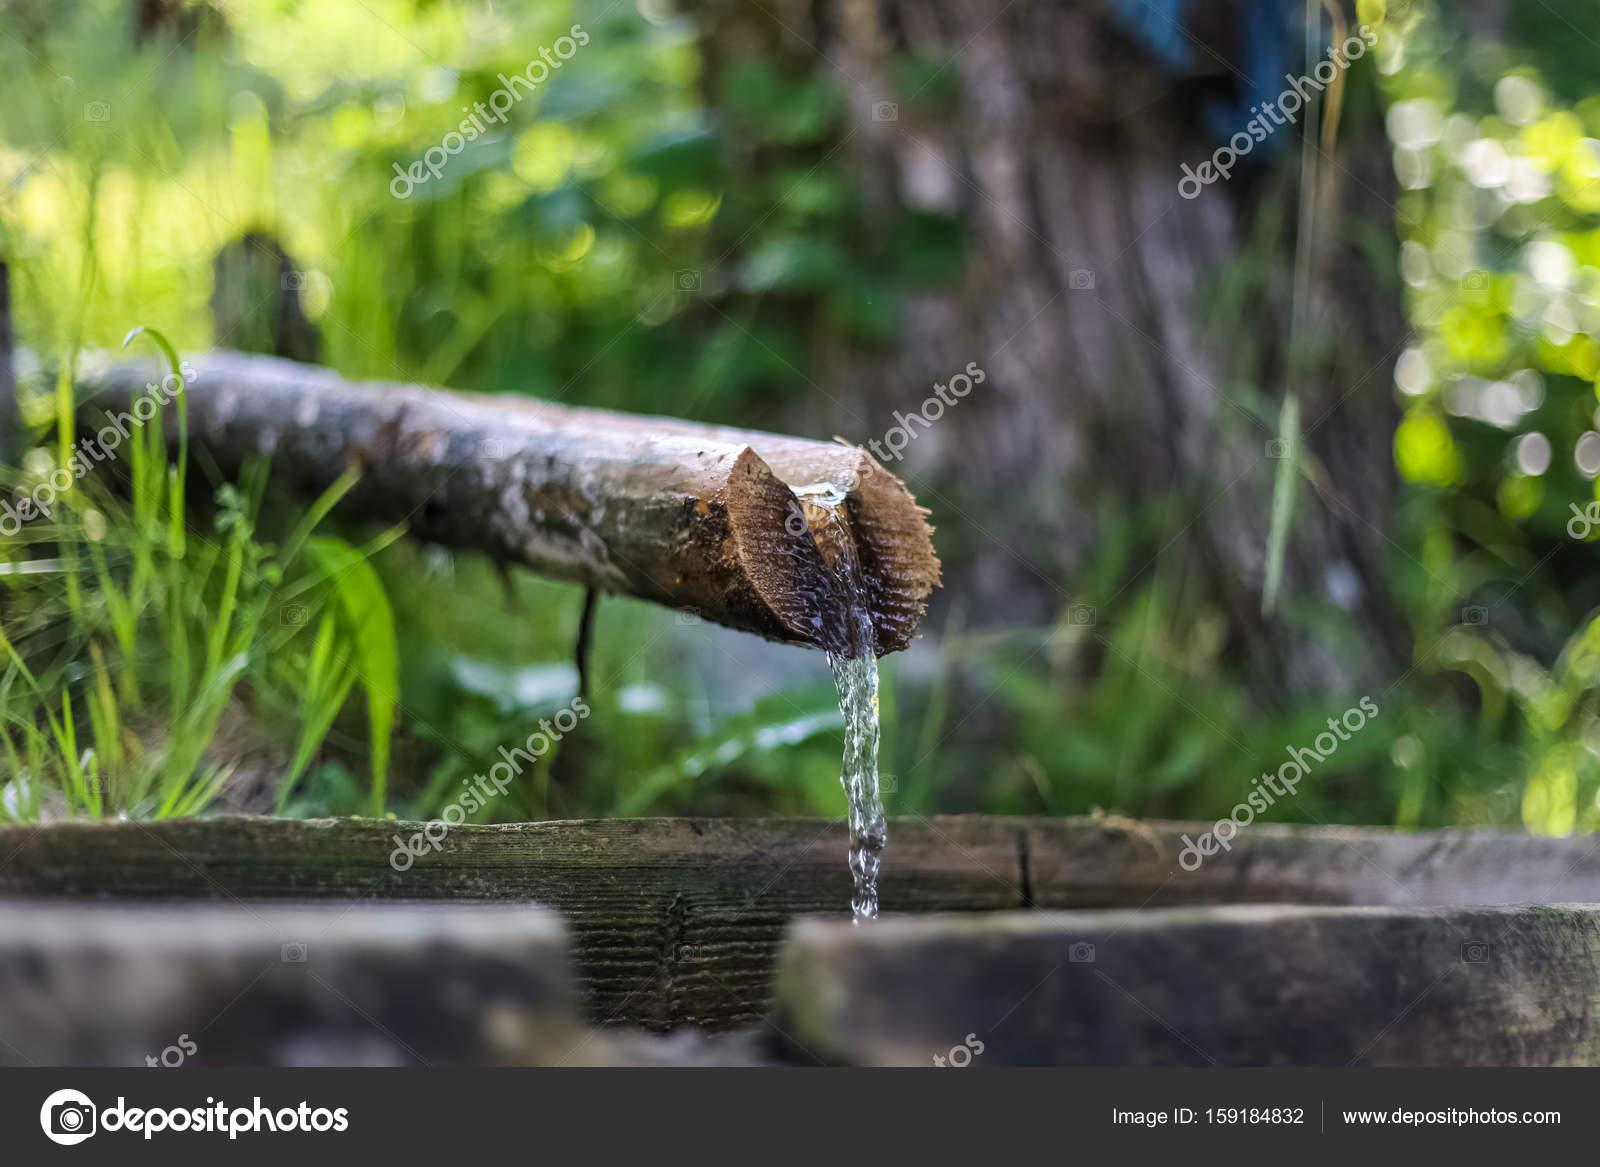 Del agua de la fuente, agua potable, agua de manantial natural ...